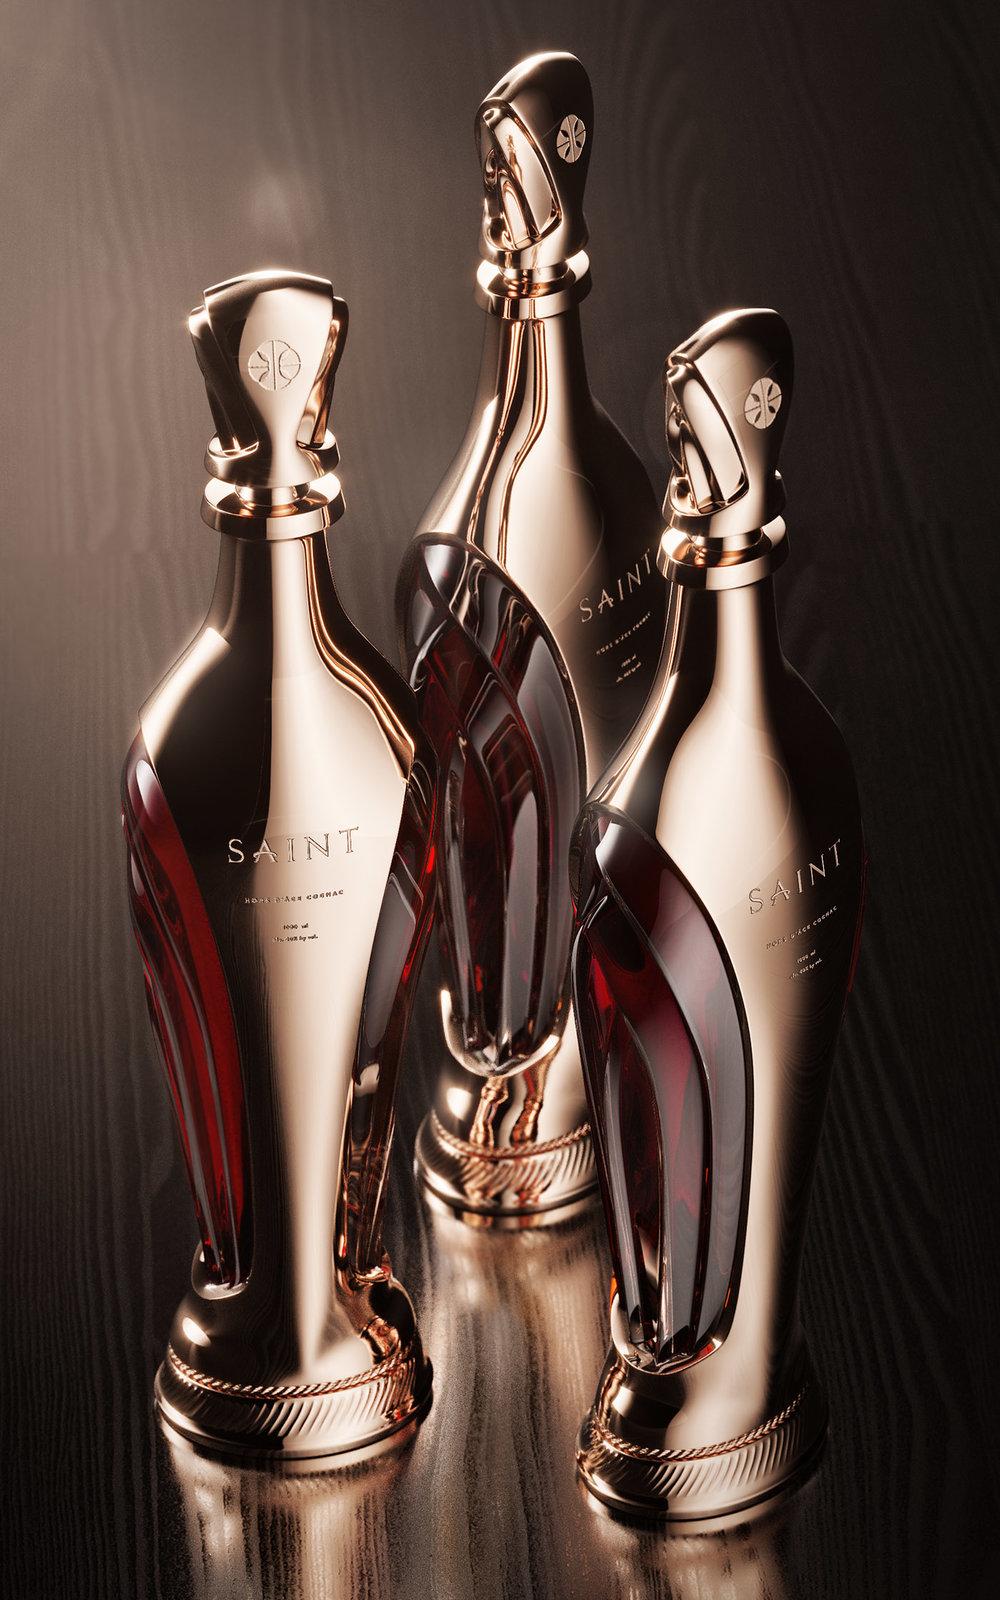 Luxury Cognac bottle concept Saint 4.jpg